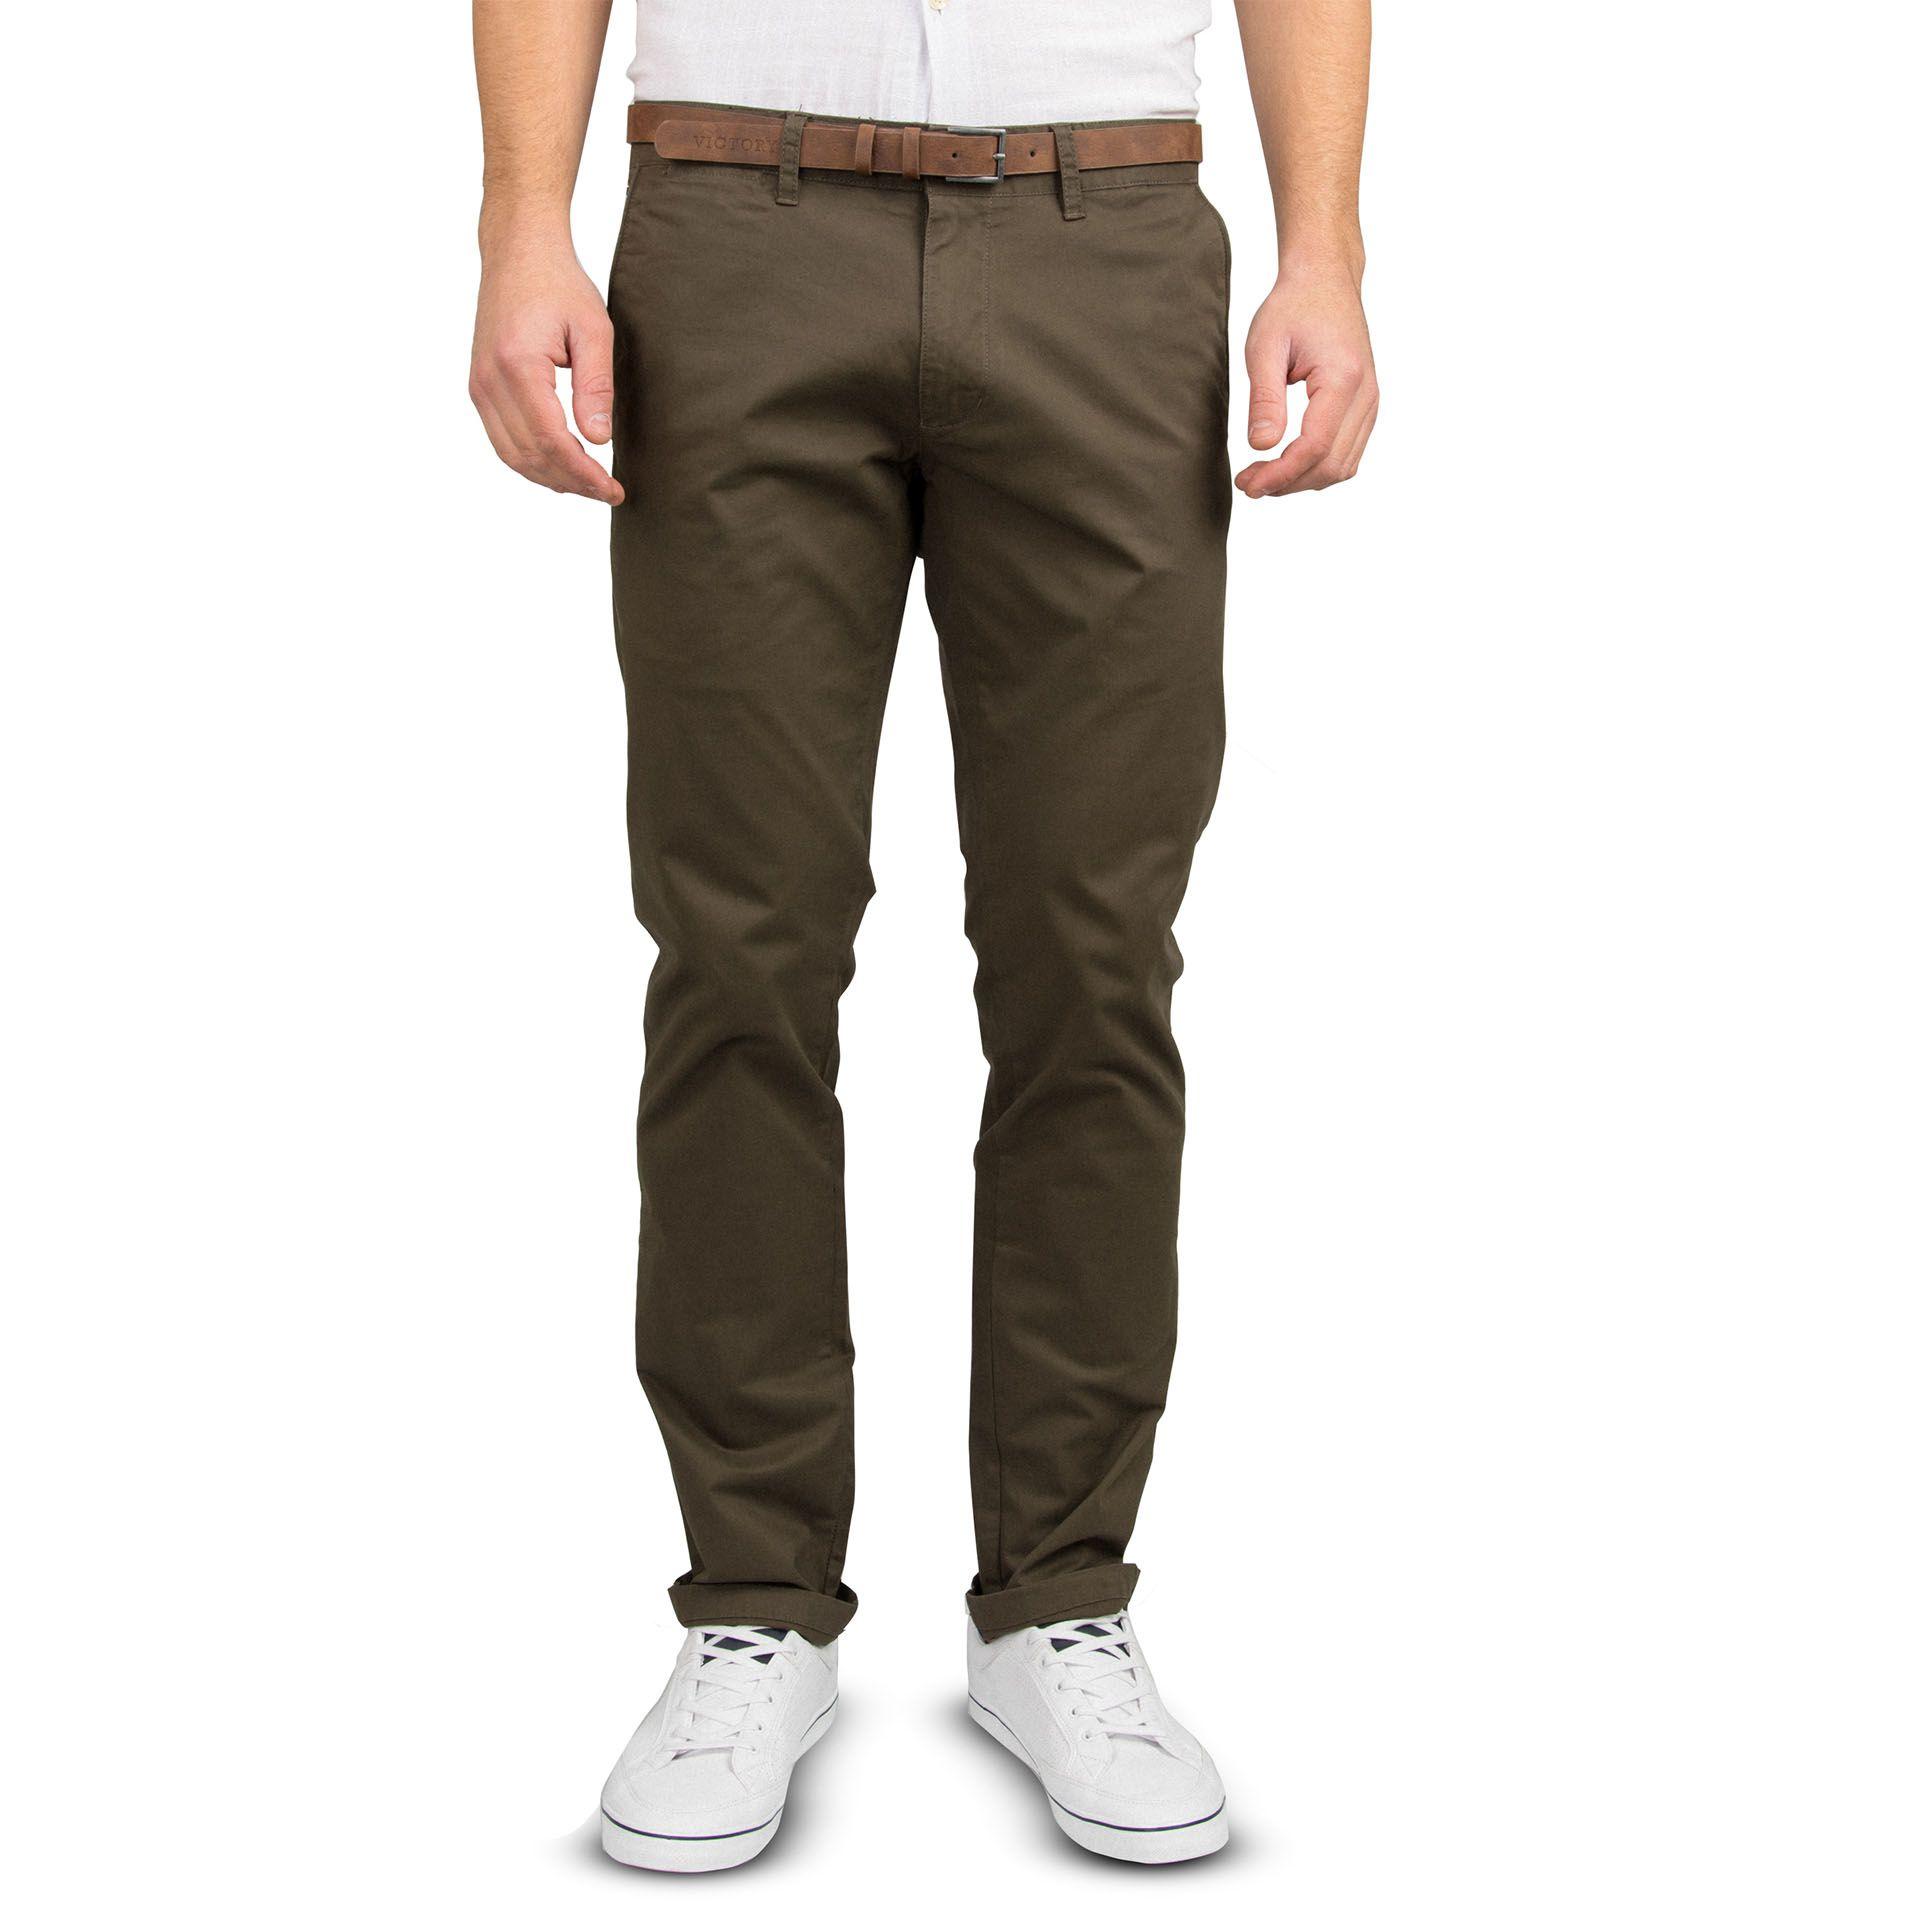 Ανδρικό παντελόνι Slim fit VICTORY MISHA χρώμα BROWN.